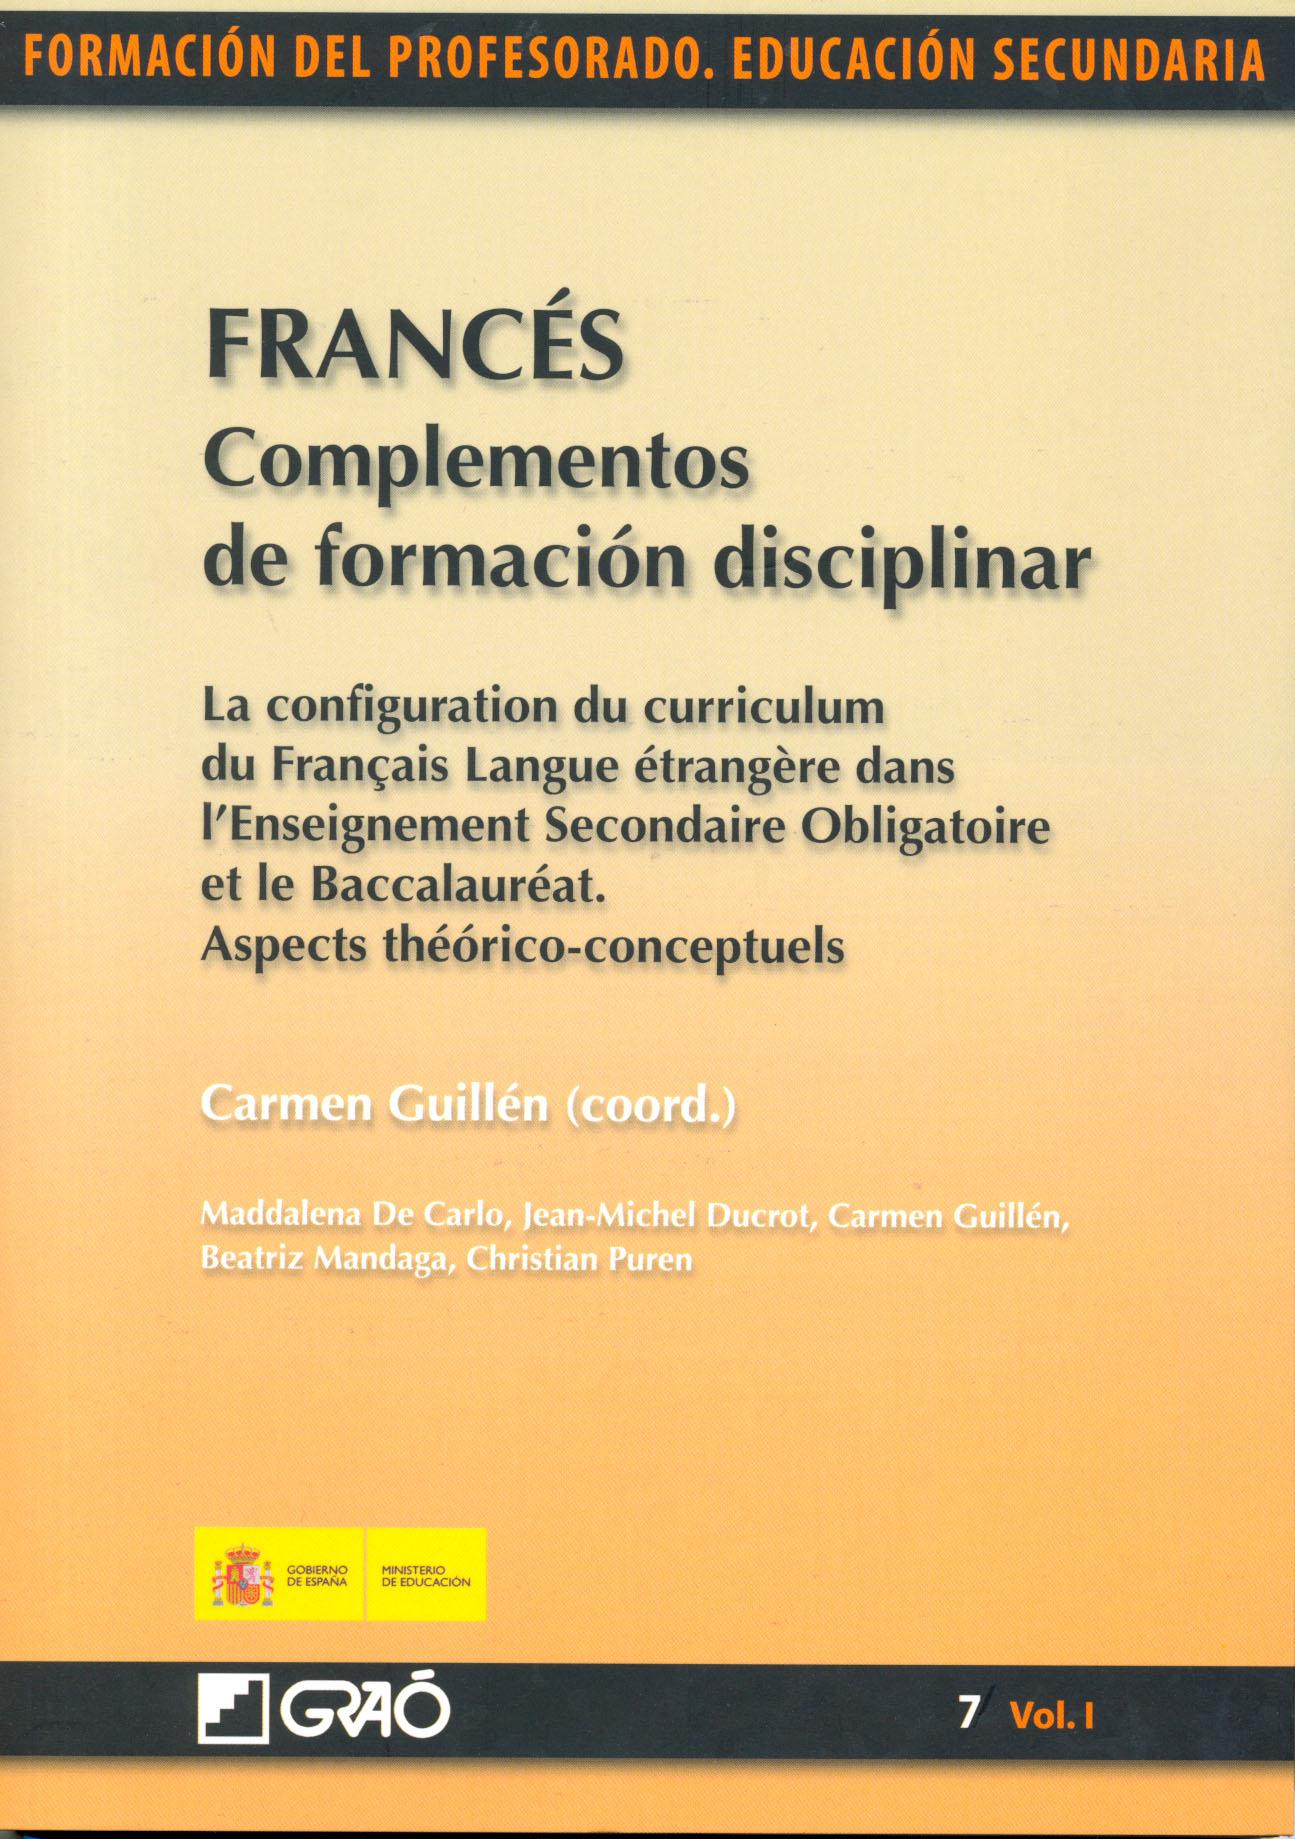 franc u00e9s  complementos de formaci u00f3n disciplinar  la configuation du curriculum du fran u00e7ais langue